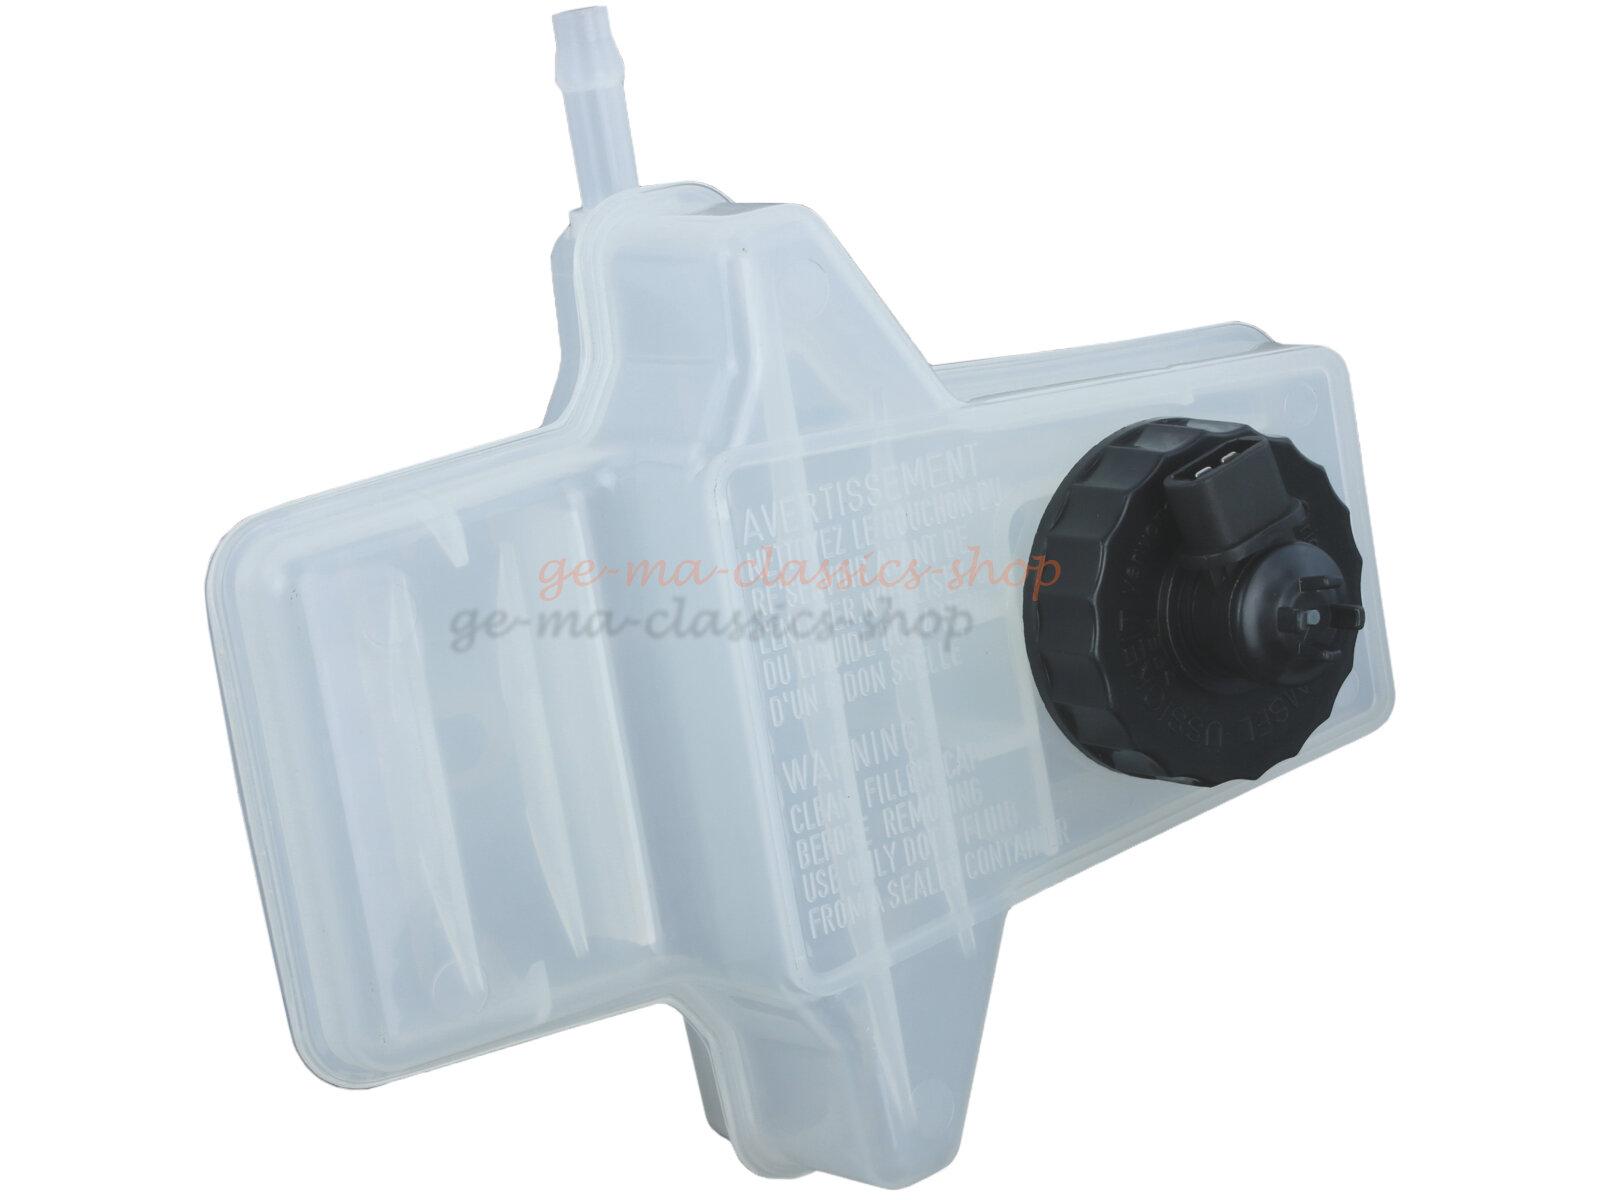 Bremsflüssigkeitsbehälter mit Deckel & Sensor für VW Bus T3